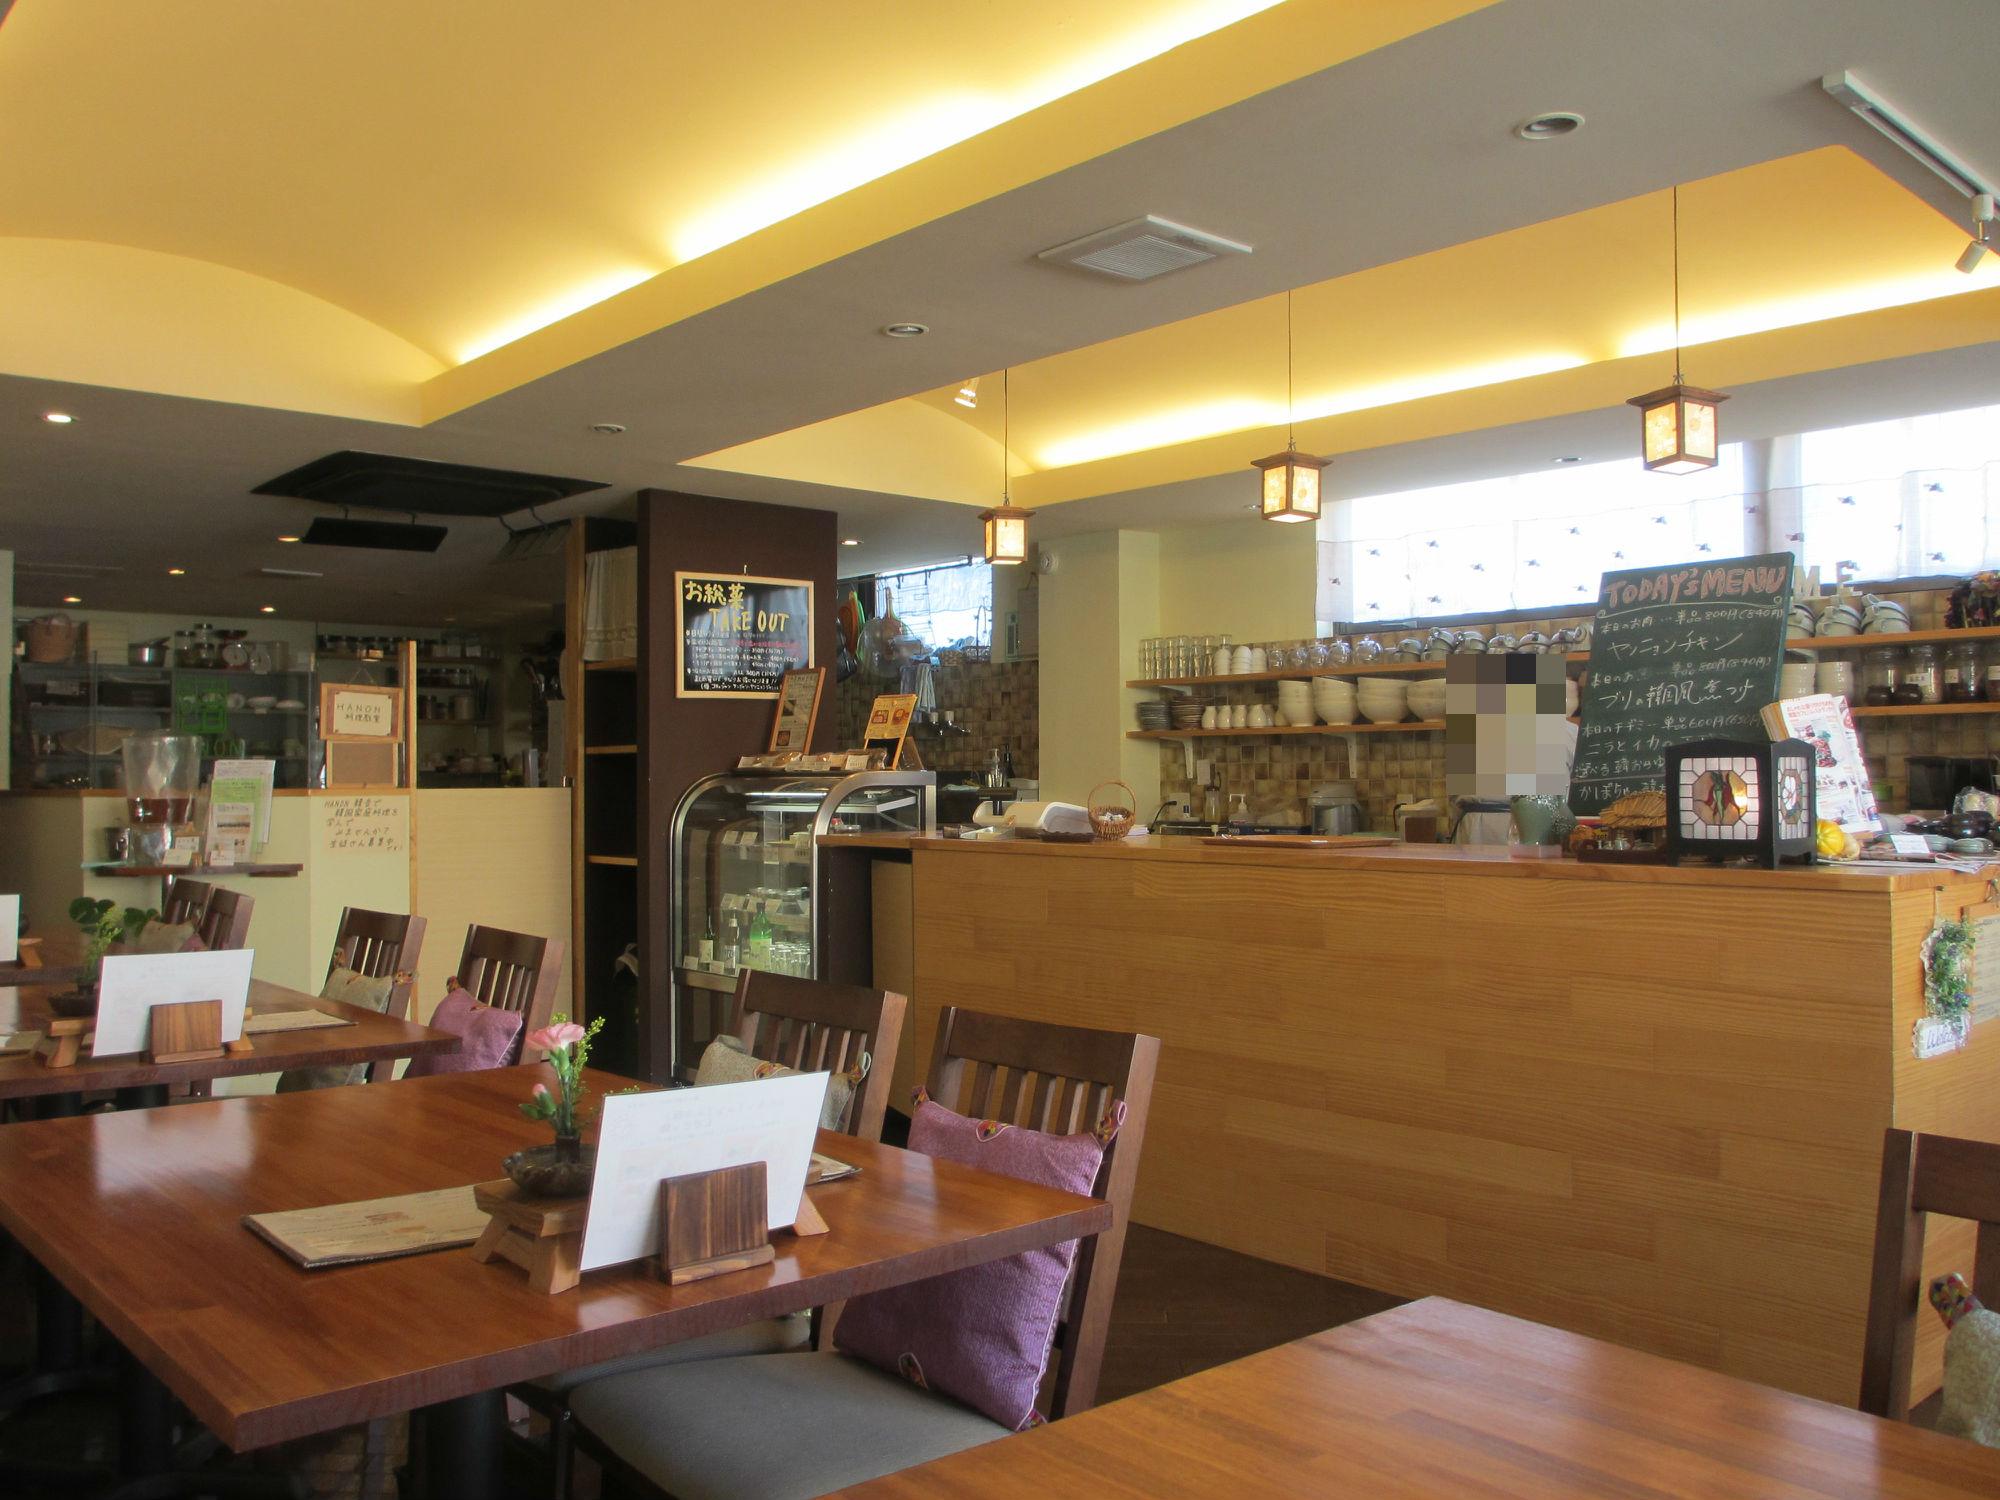 カフェ内装デザイン清潔で落ち着きのある空間